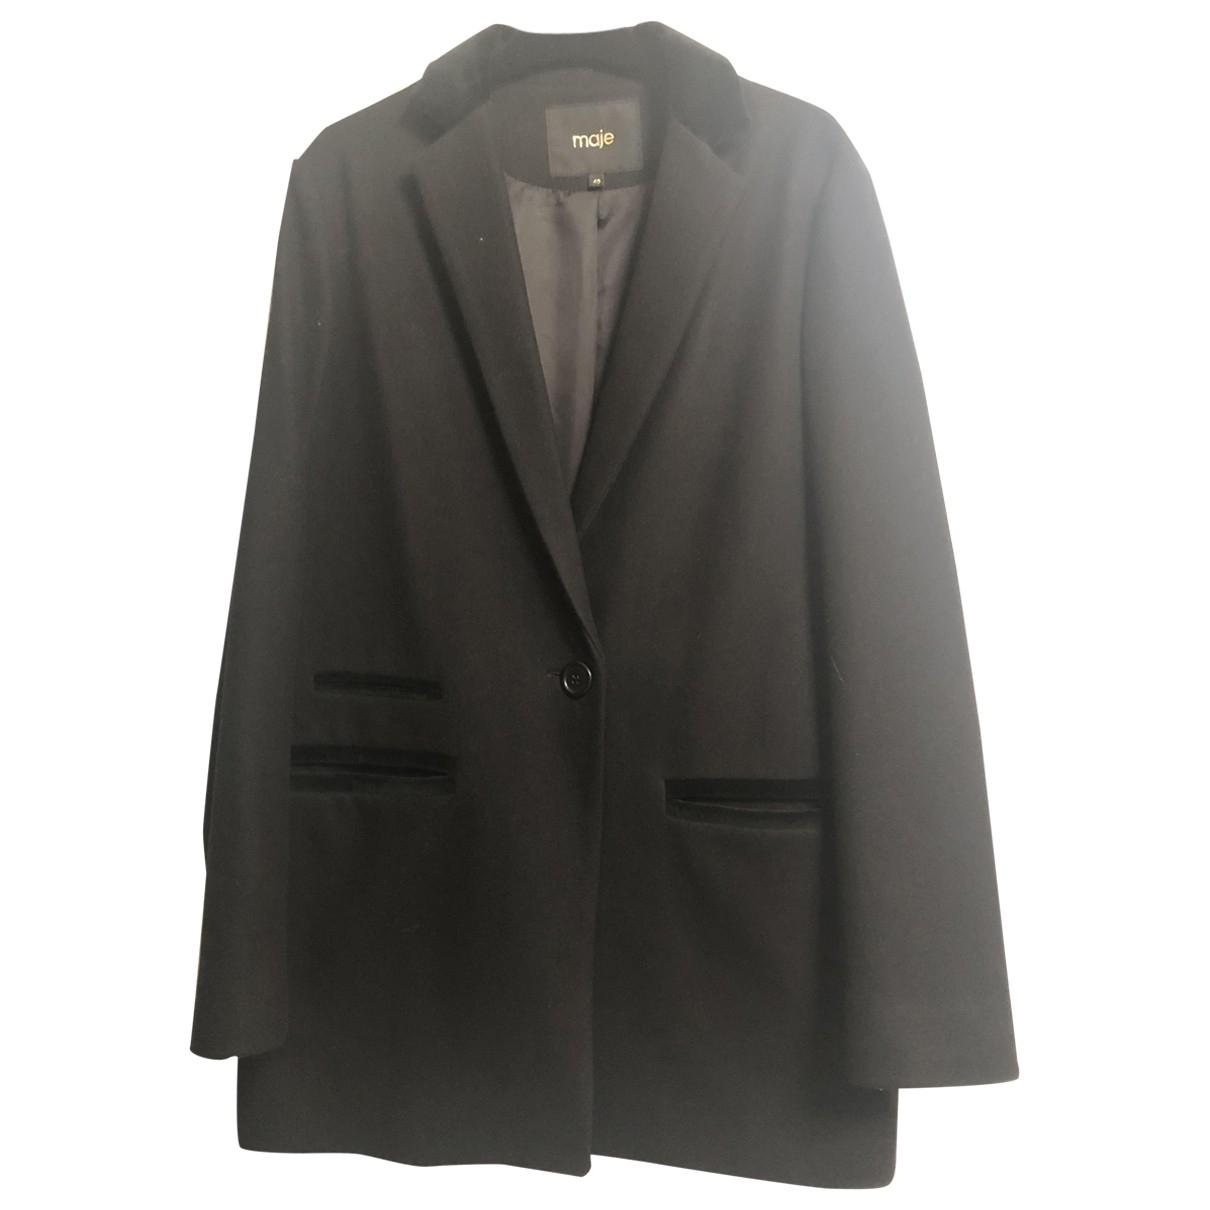 Maje - Veste   pour femme en laine - noir